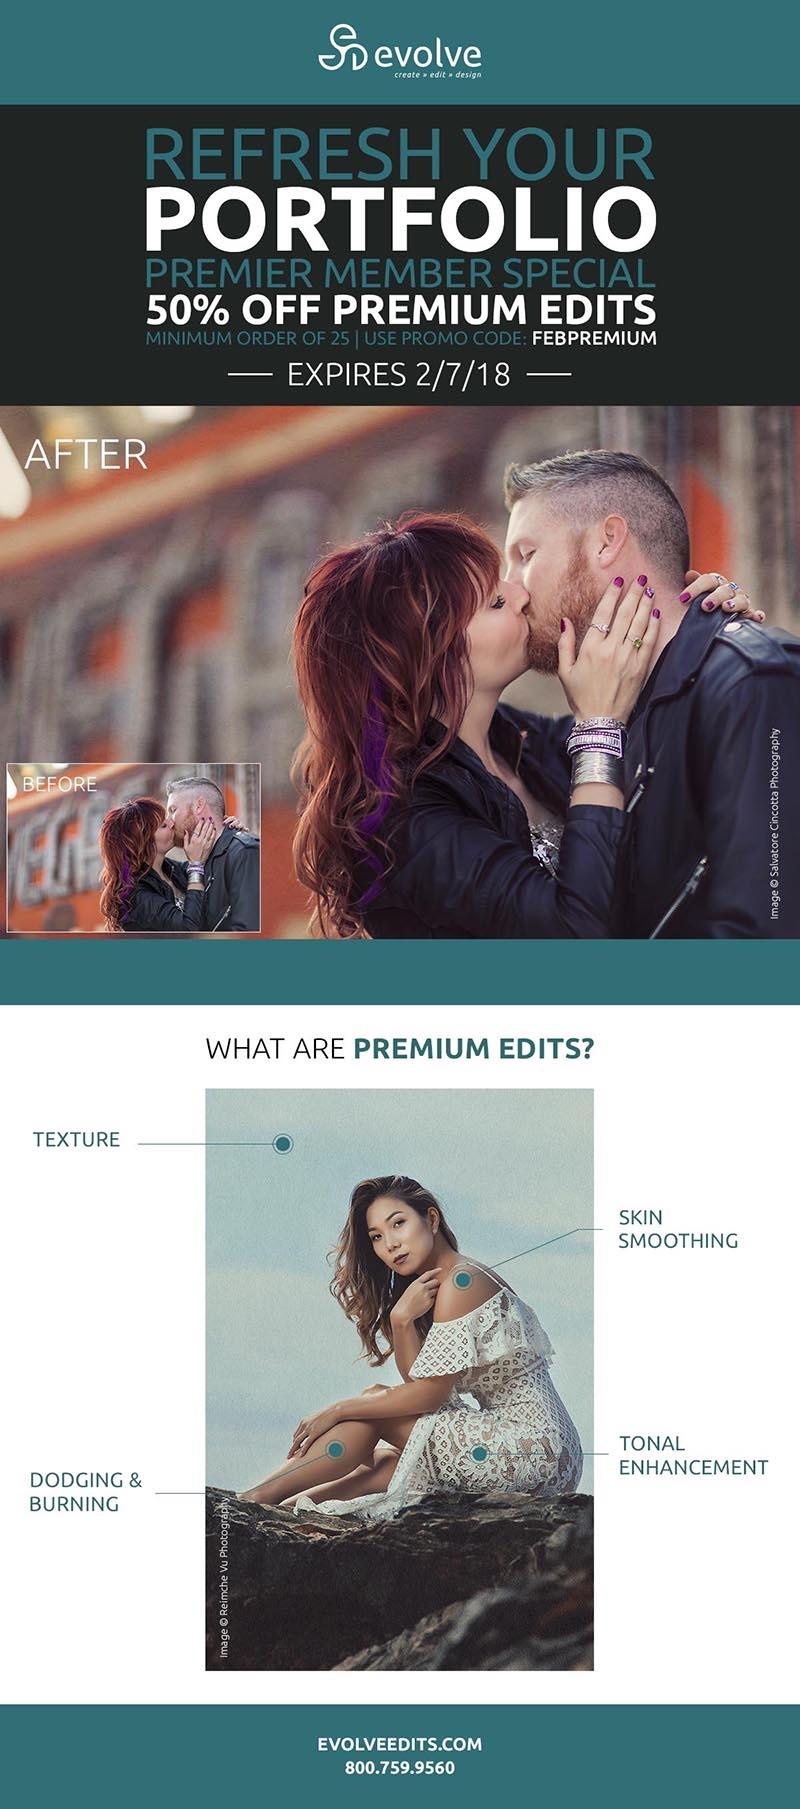 Evolve Edit Image G&L